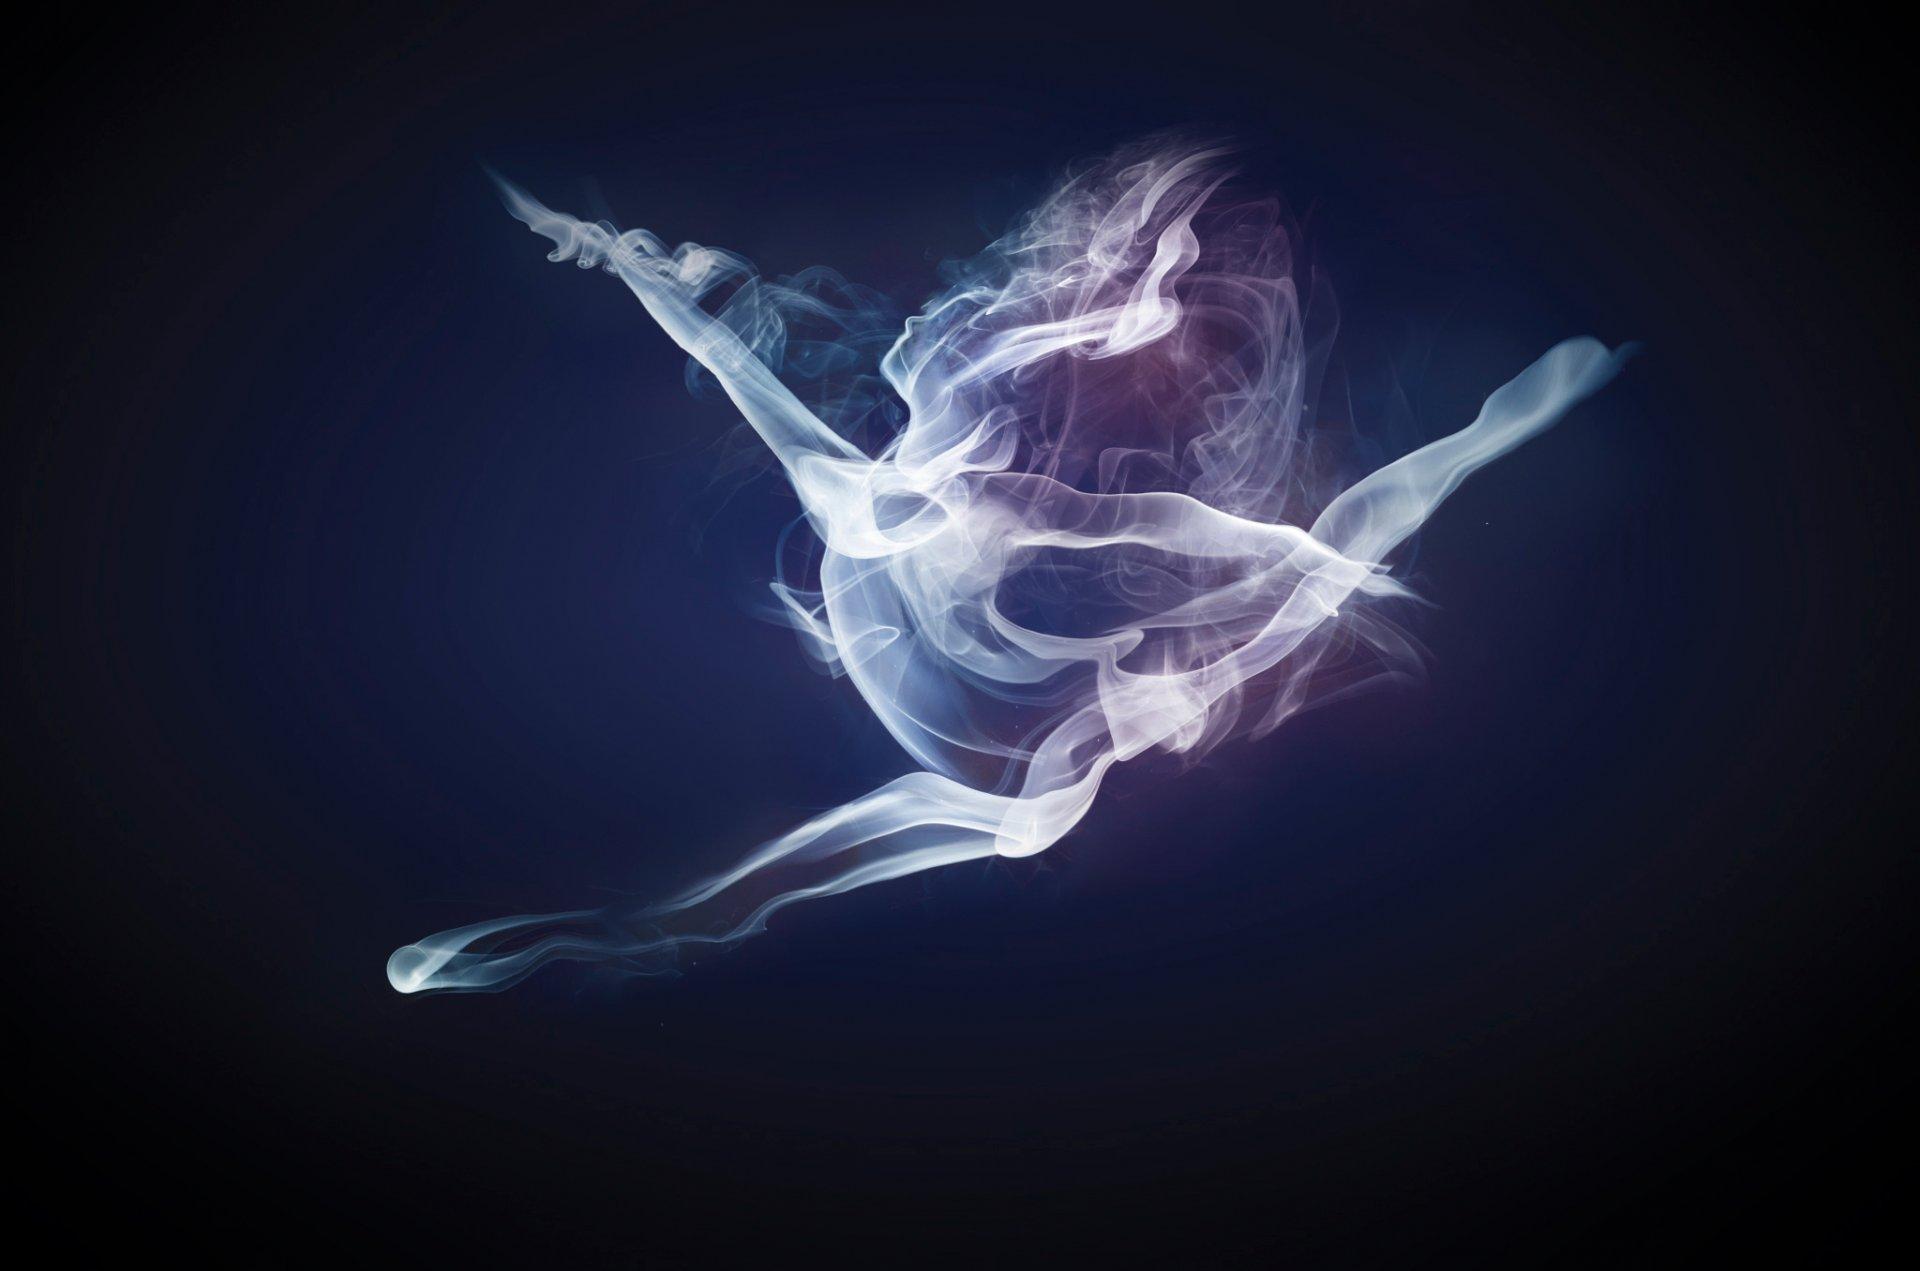 Фигуры из дыма картинки